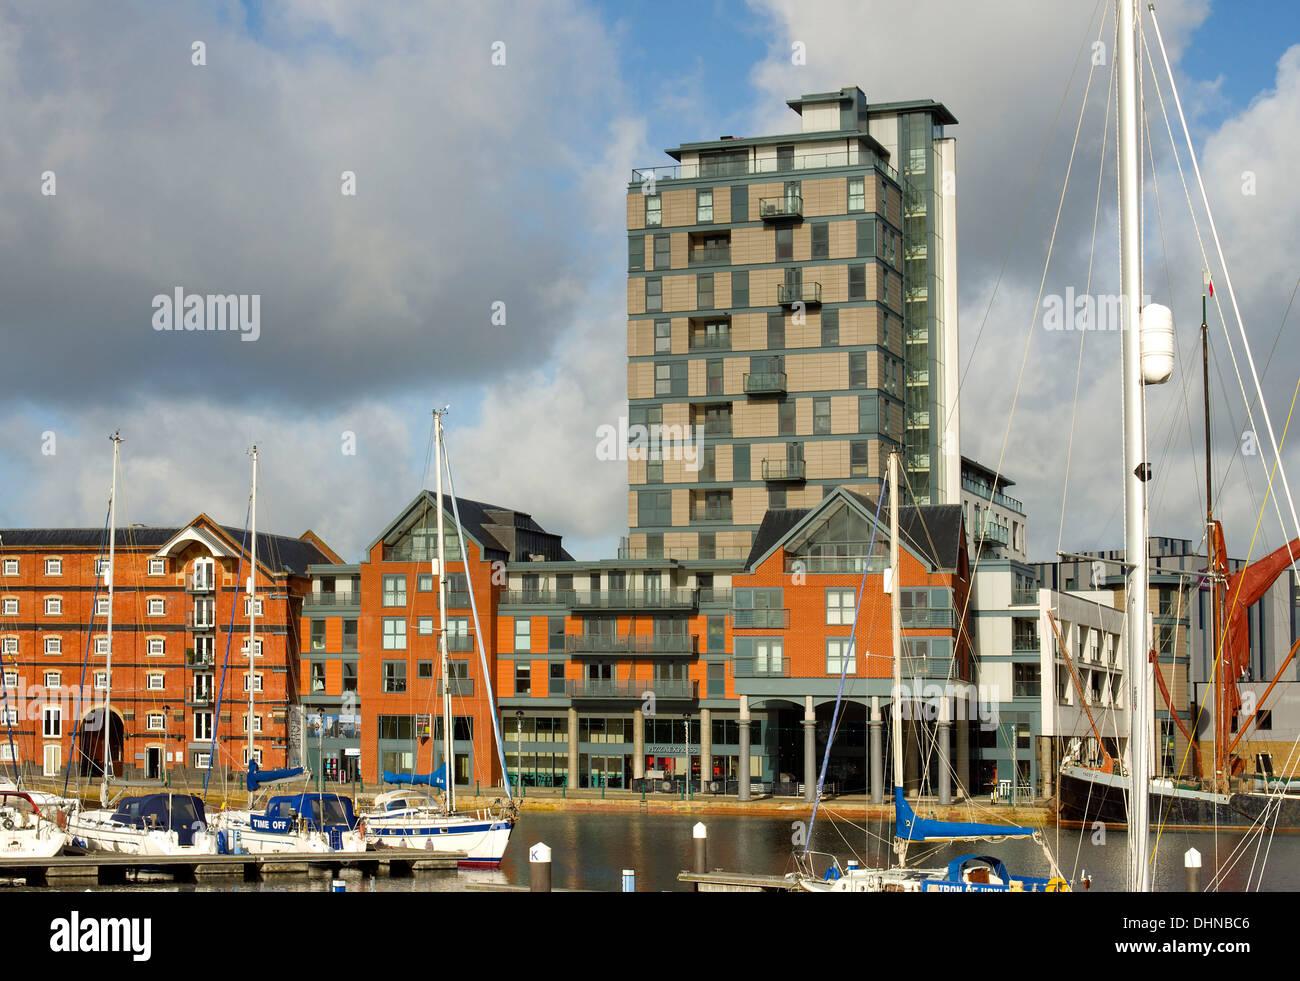 Ipswich wet dock redevelopment - Stock Image